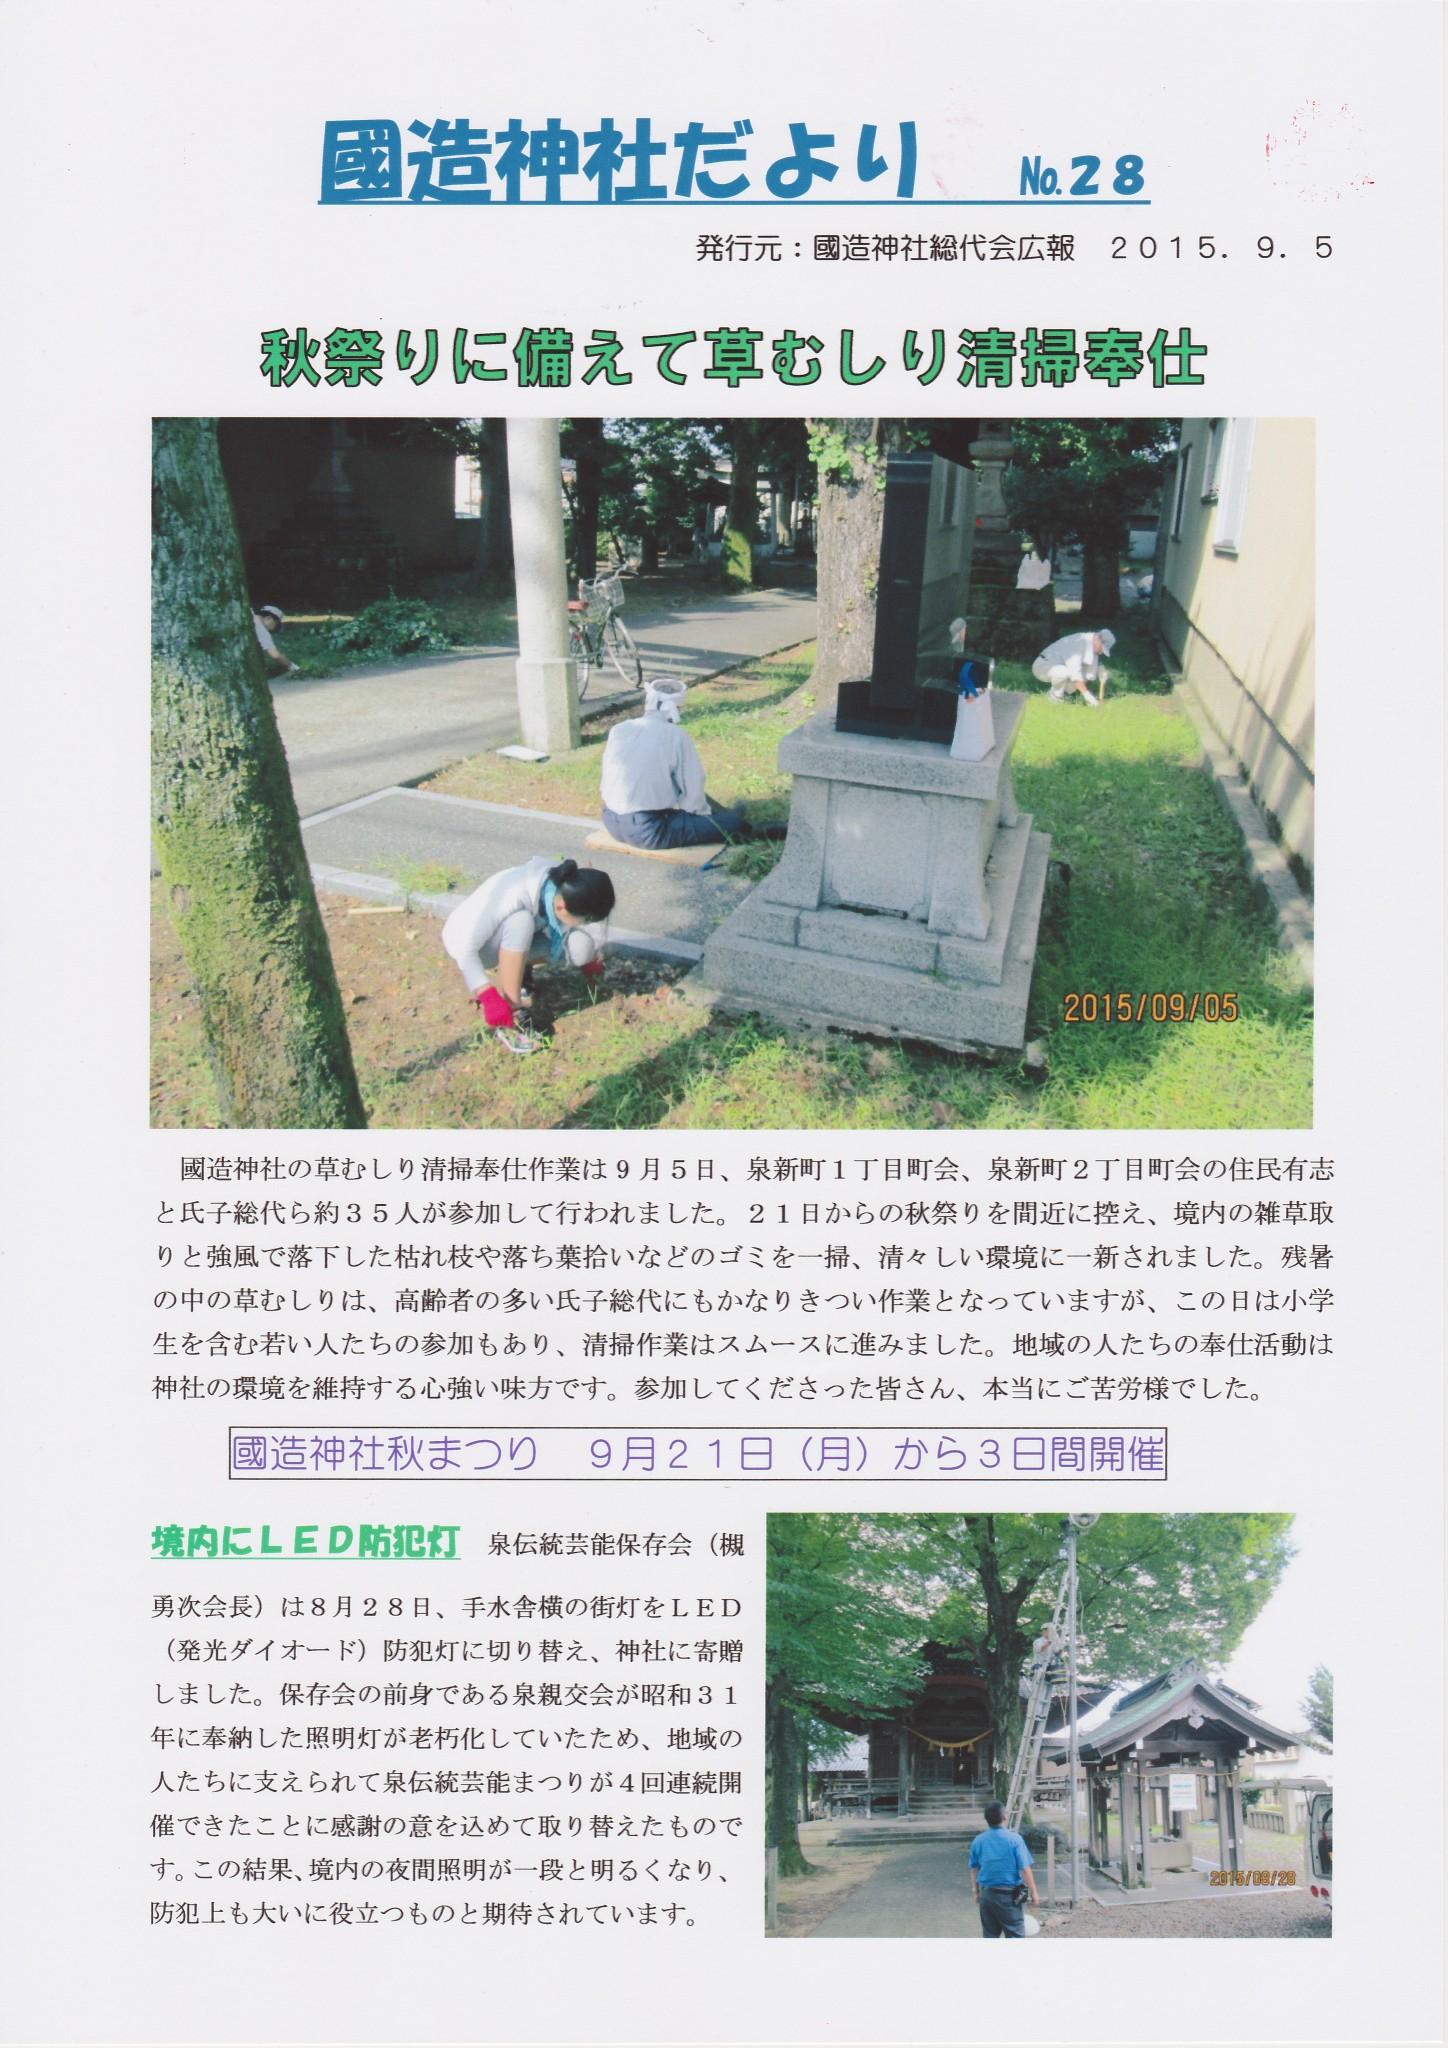 国造神社だより No.28(JPG)